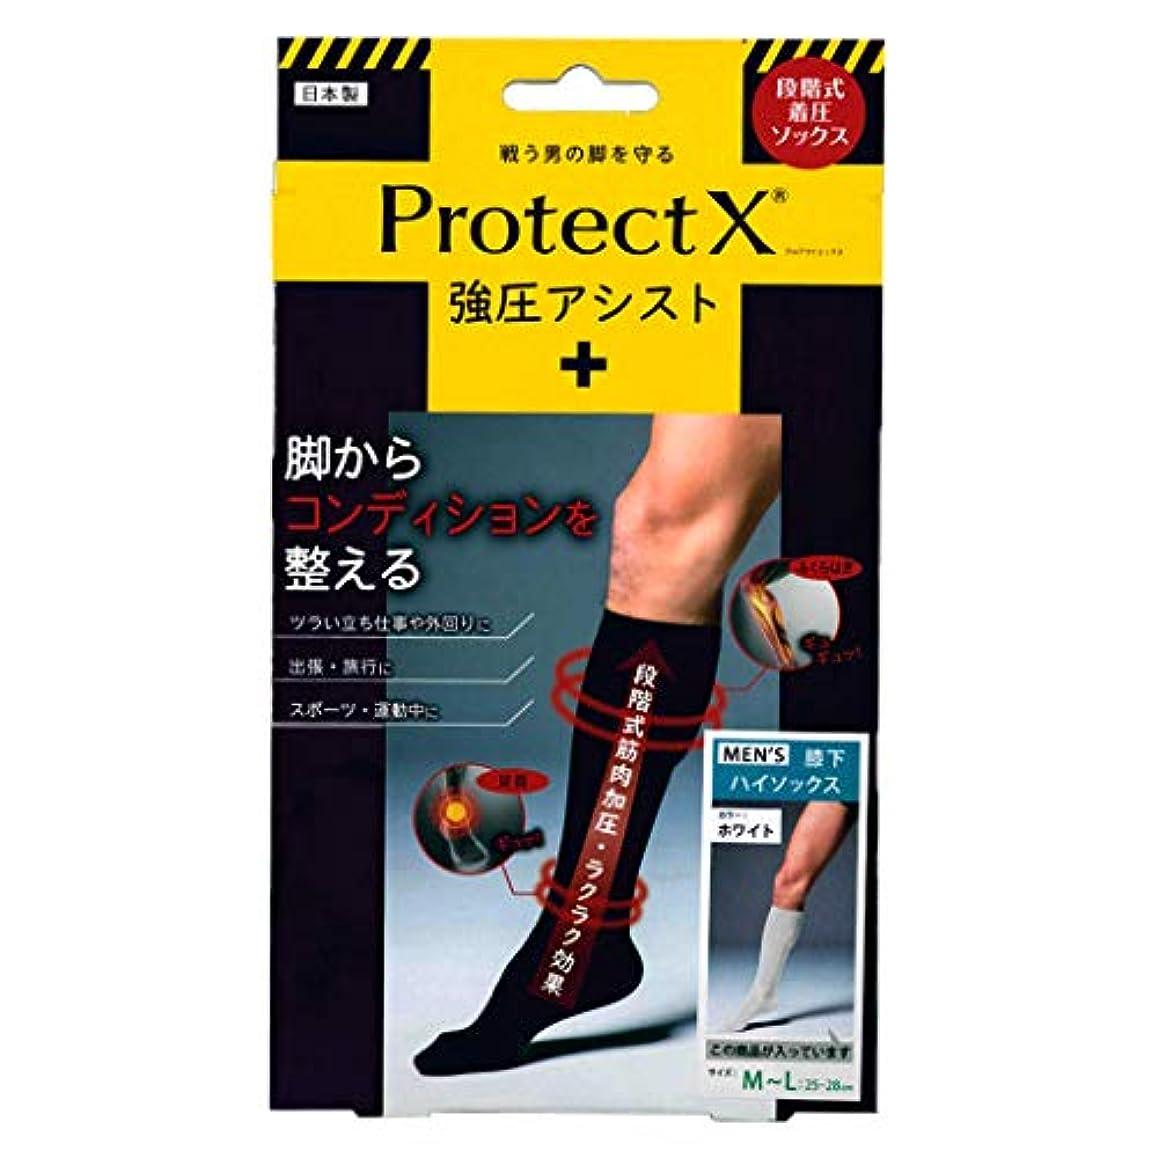 カメラ傀儡近傍Protect X(プロテクトエックス) 強圧アシスト つま先あり着圧ソックス 膝下 M-Lサイズ ホワイト